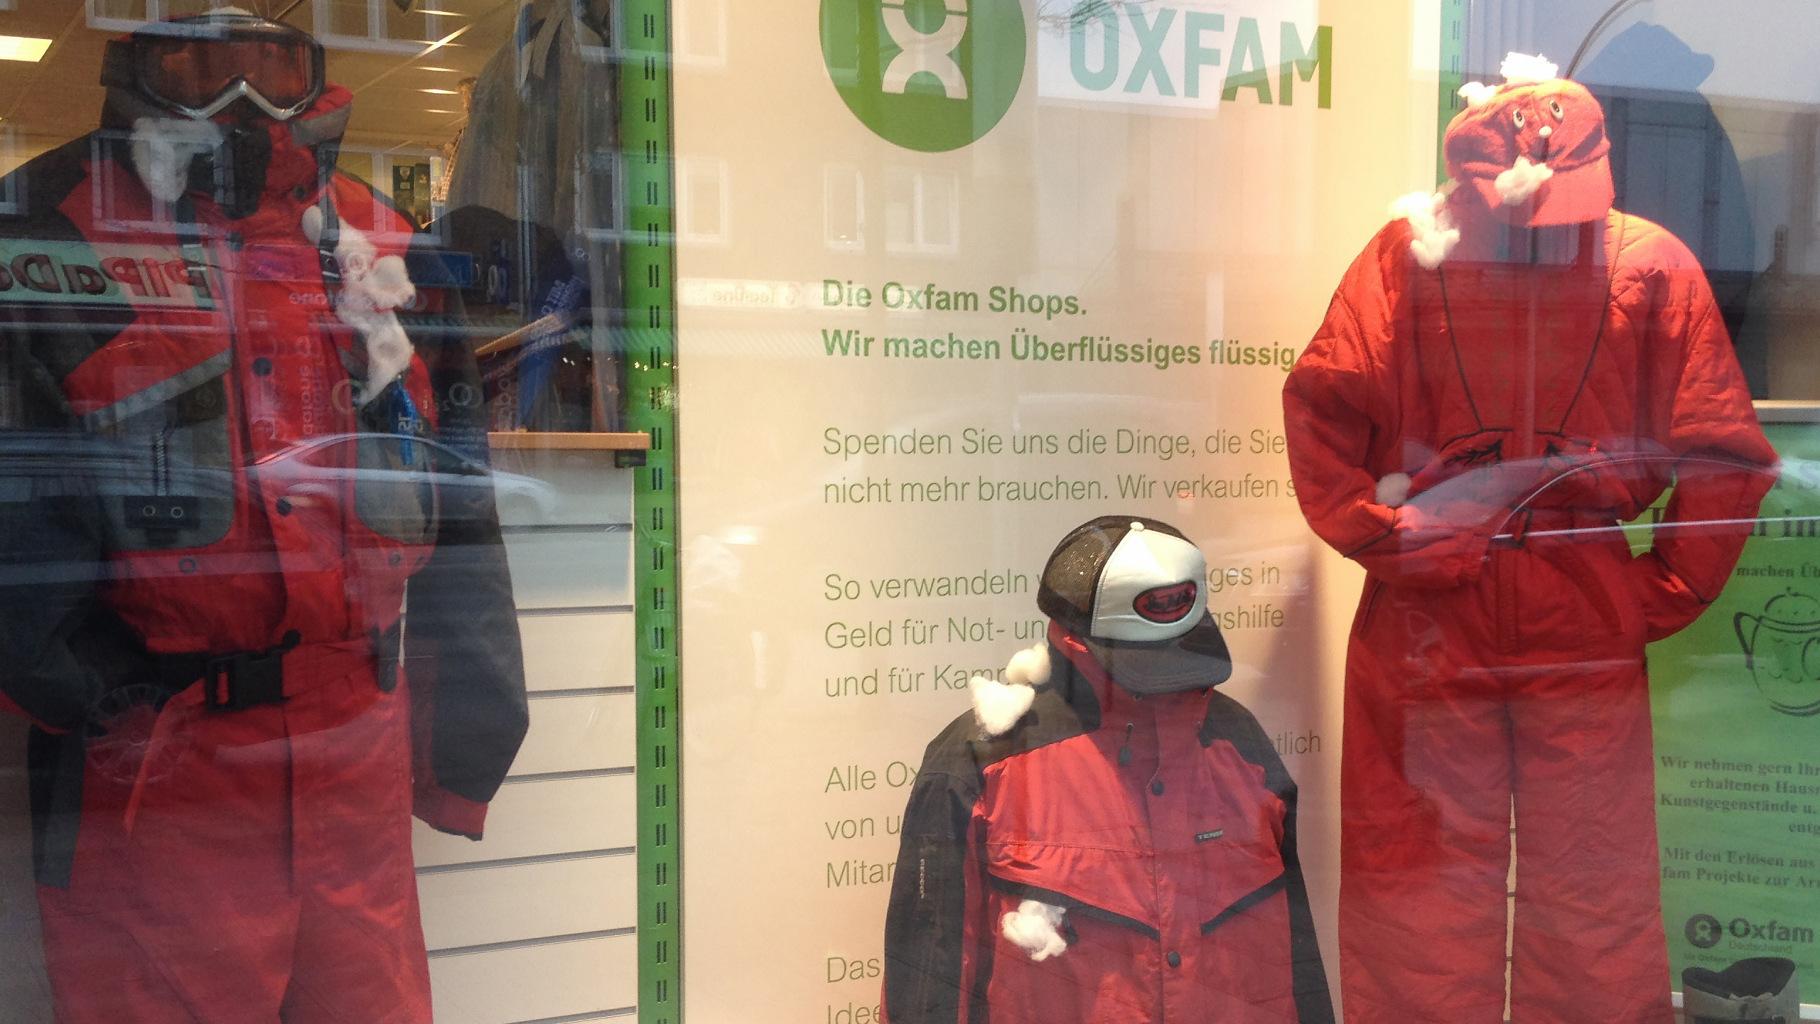 Wintersport- und Ski-Kleidung im Schaufenster eines Oxfam Shops